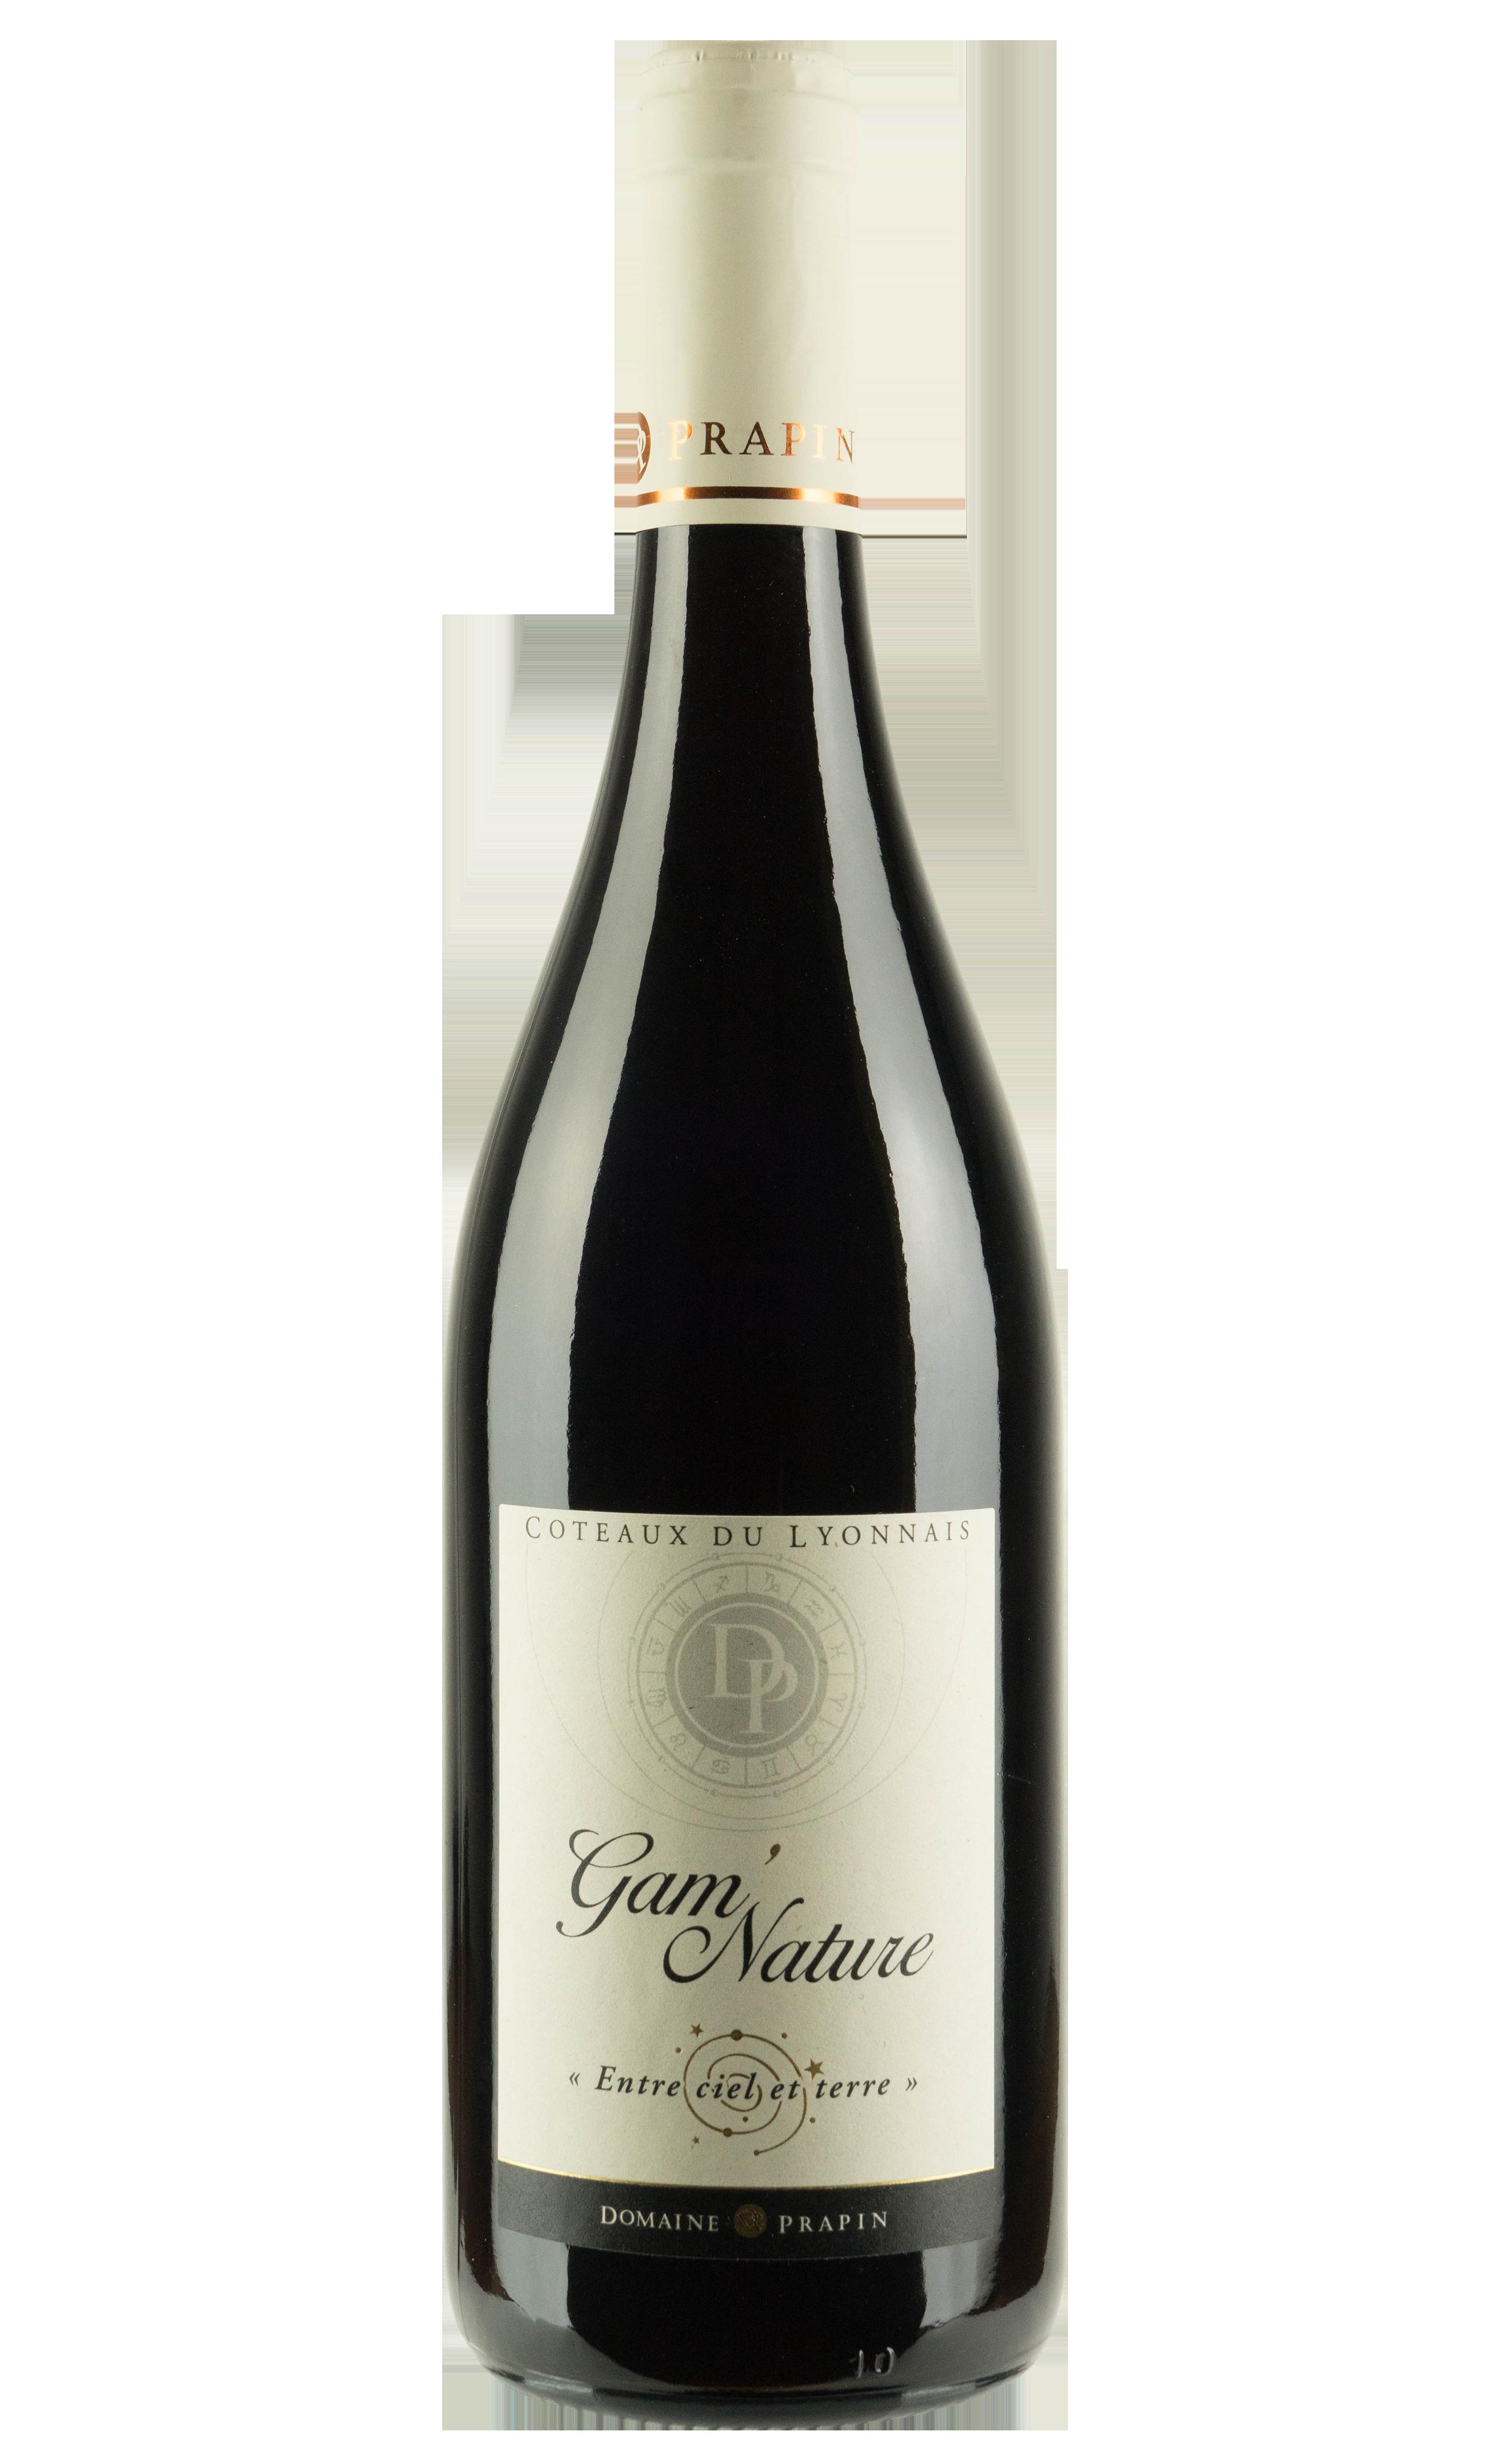 Coteaux du lyonnais rouge - Gamay - Vin nature sans sulfite ajouté